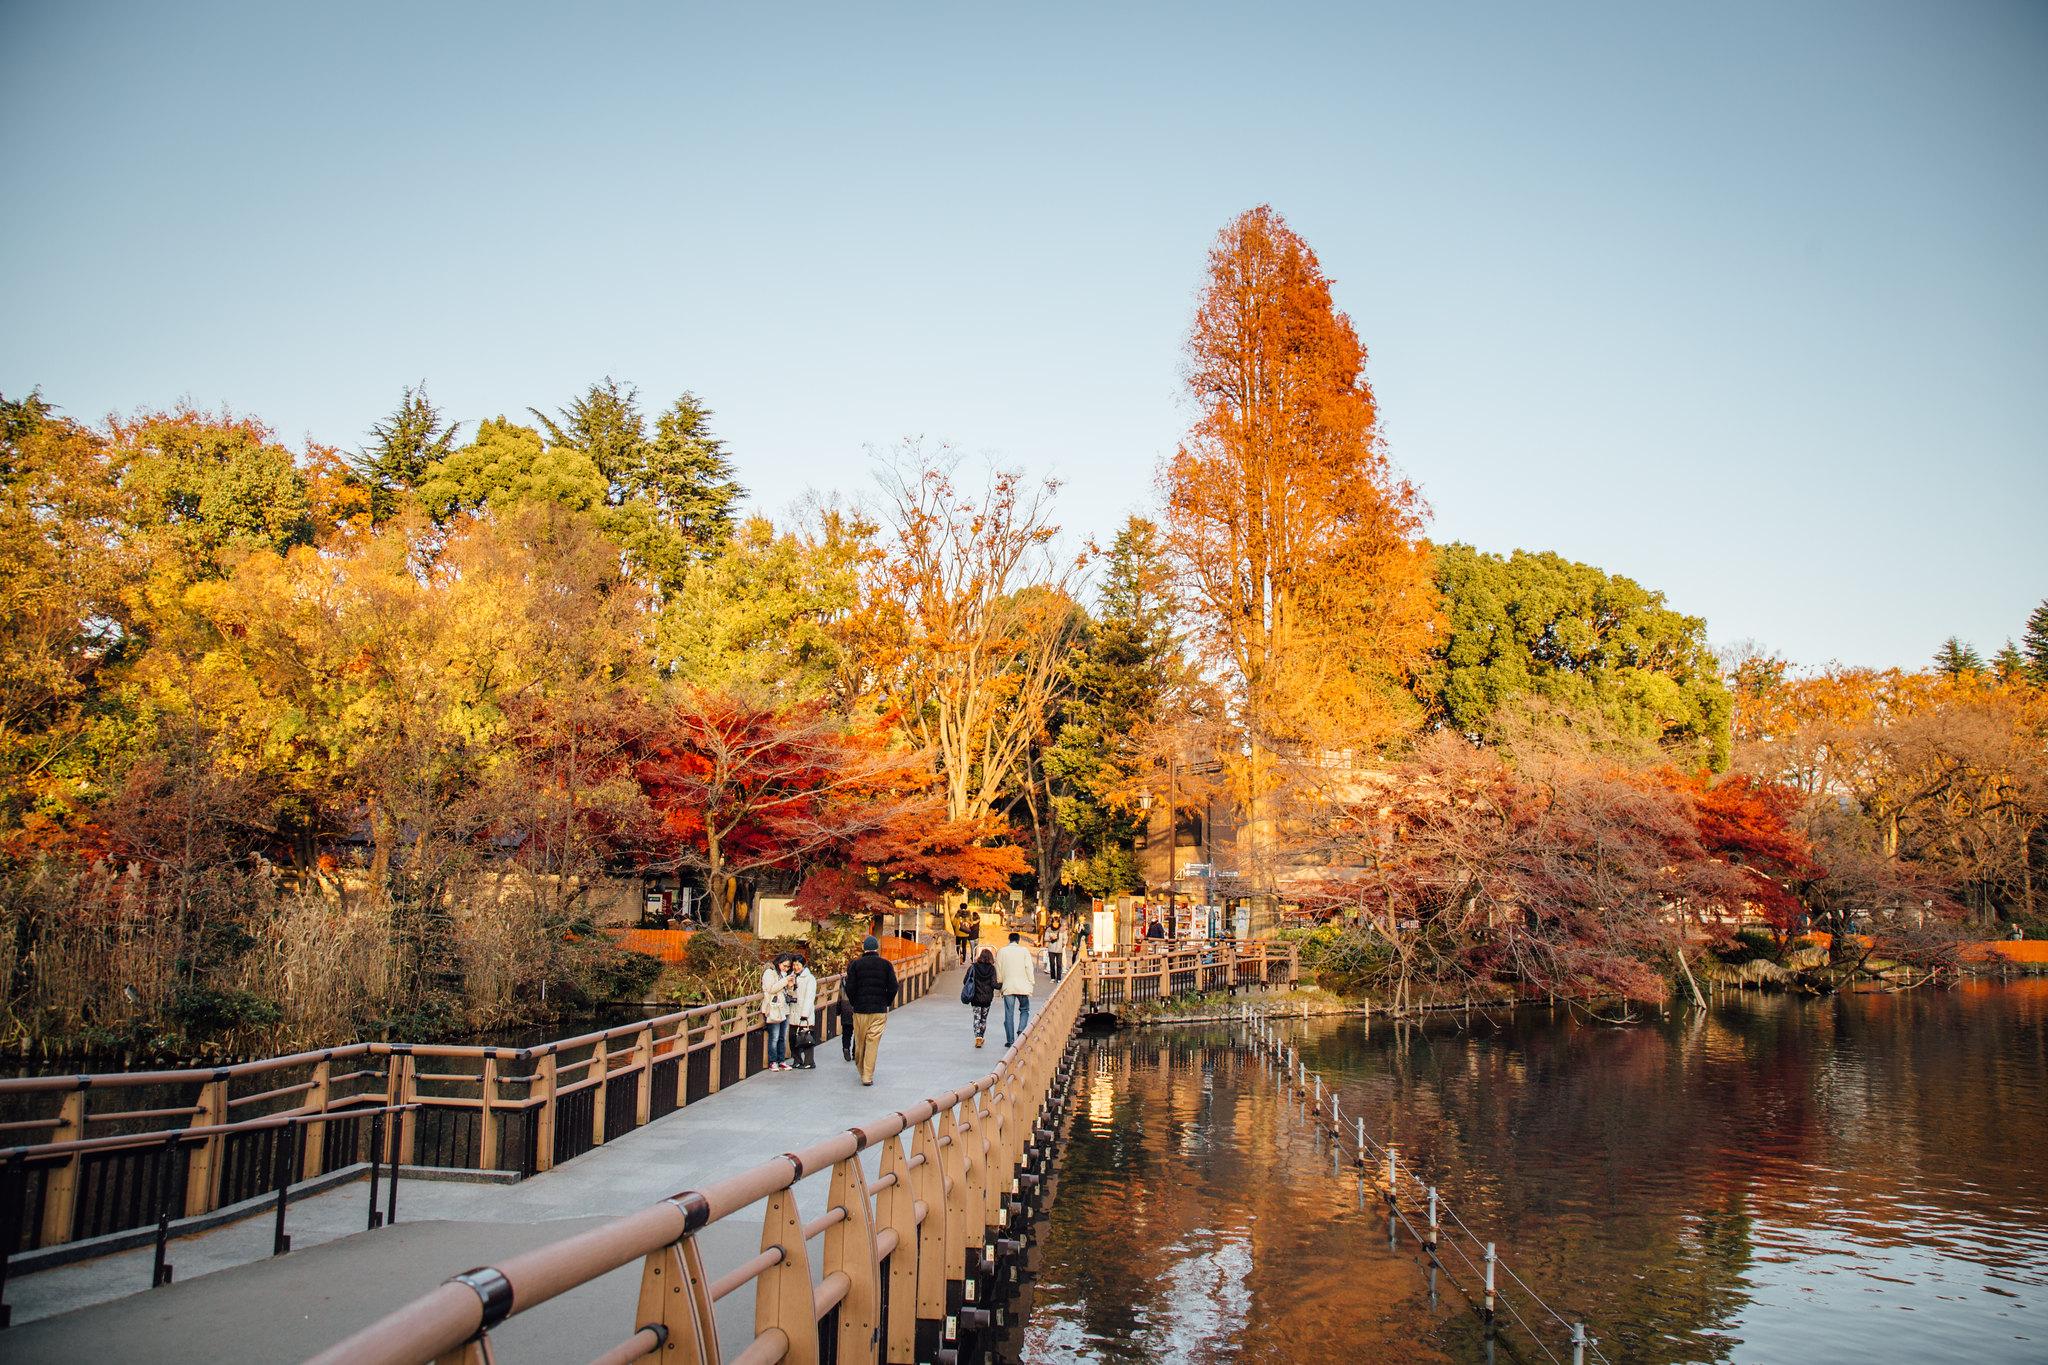 2015-12-08 井の頭公園 001-8